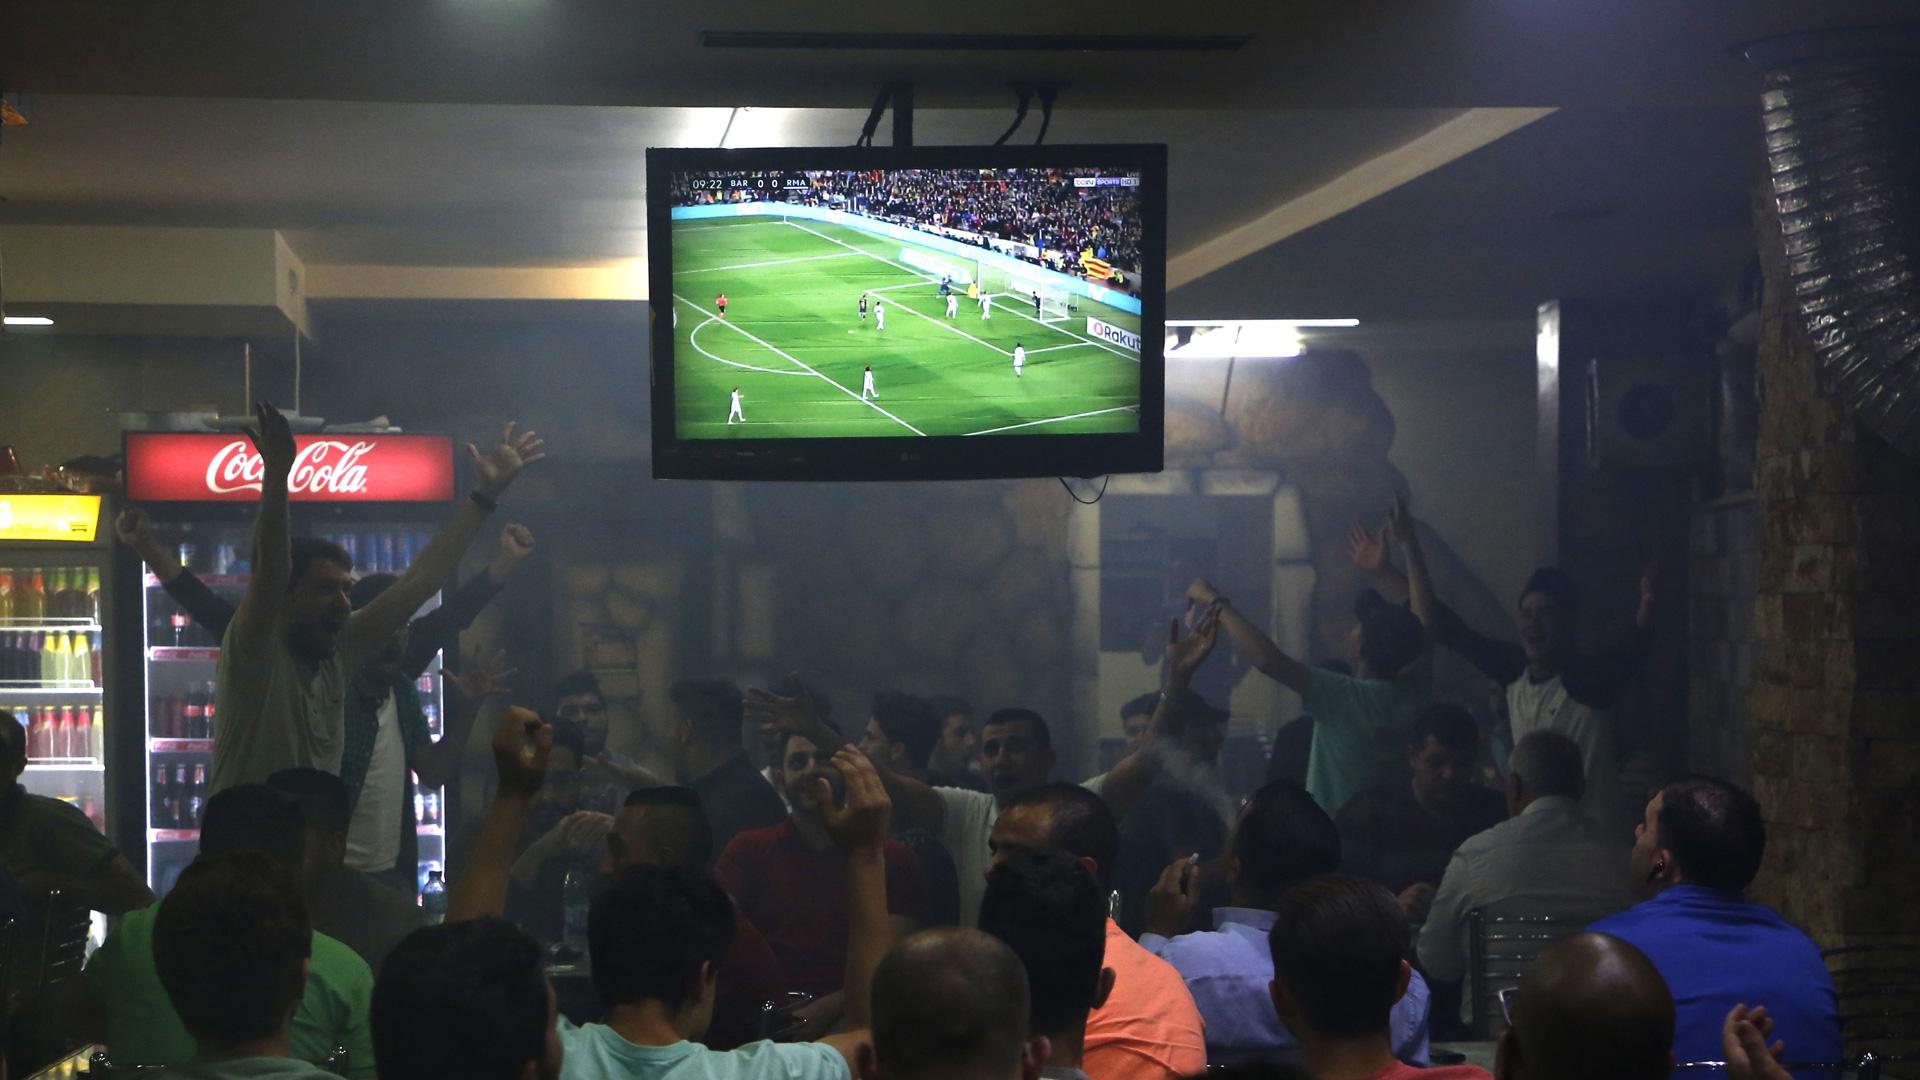 Fußball Live Anschauen